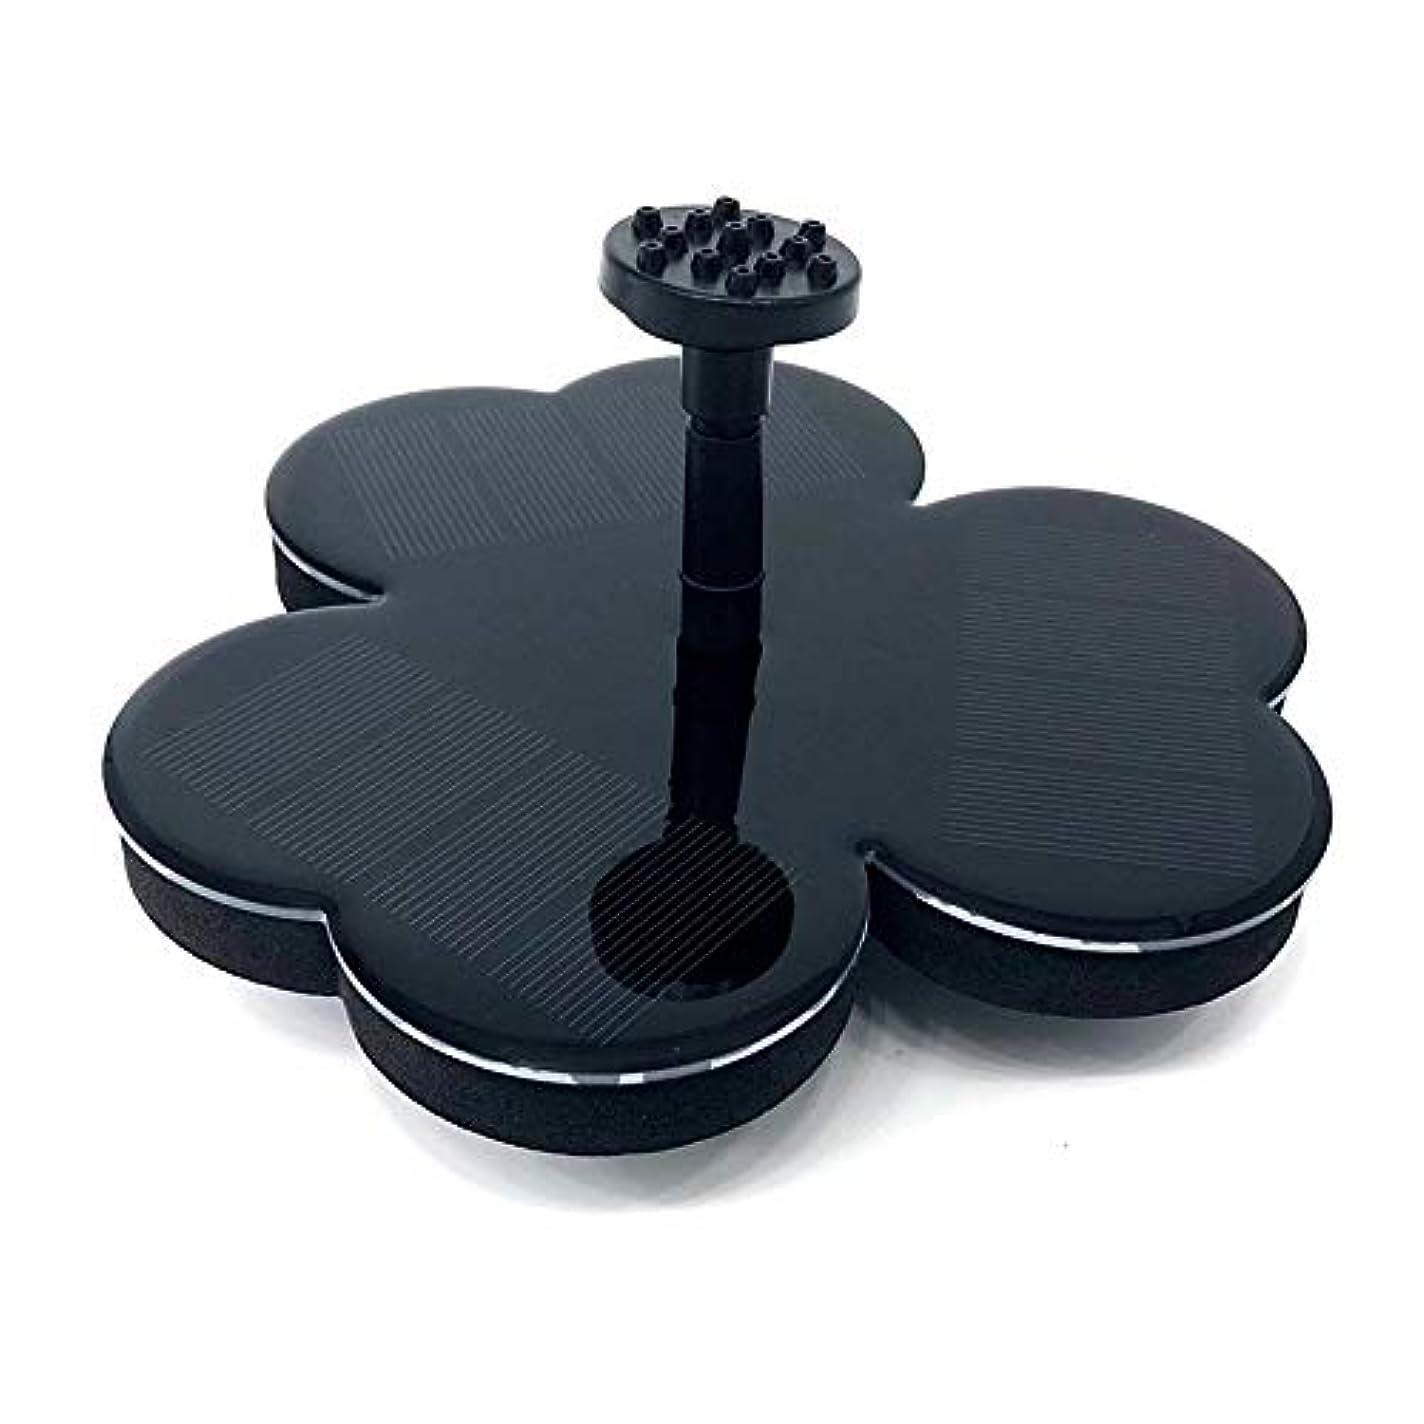 ミッションとてもに渡ってガーデン用噴水 花の形の浮動泉ソーラー噴水の水ソーラーウォーターポンプ付き6ノズルブラックパワード ソーラーミニ噴水 (Color : Black, Size : M)